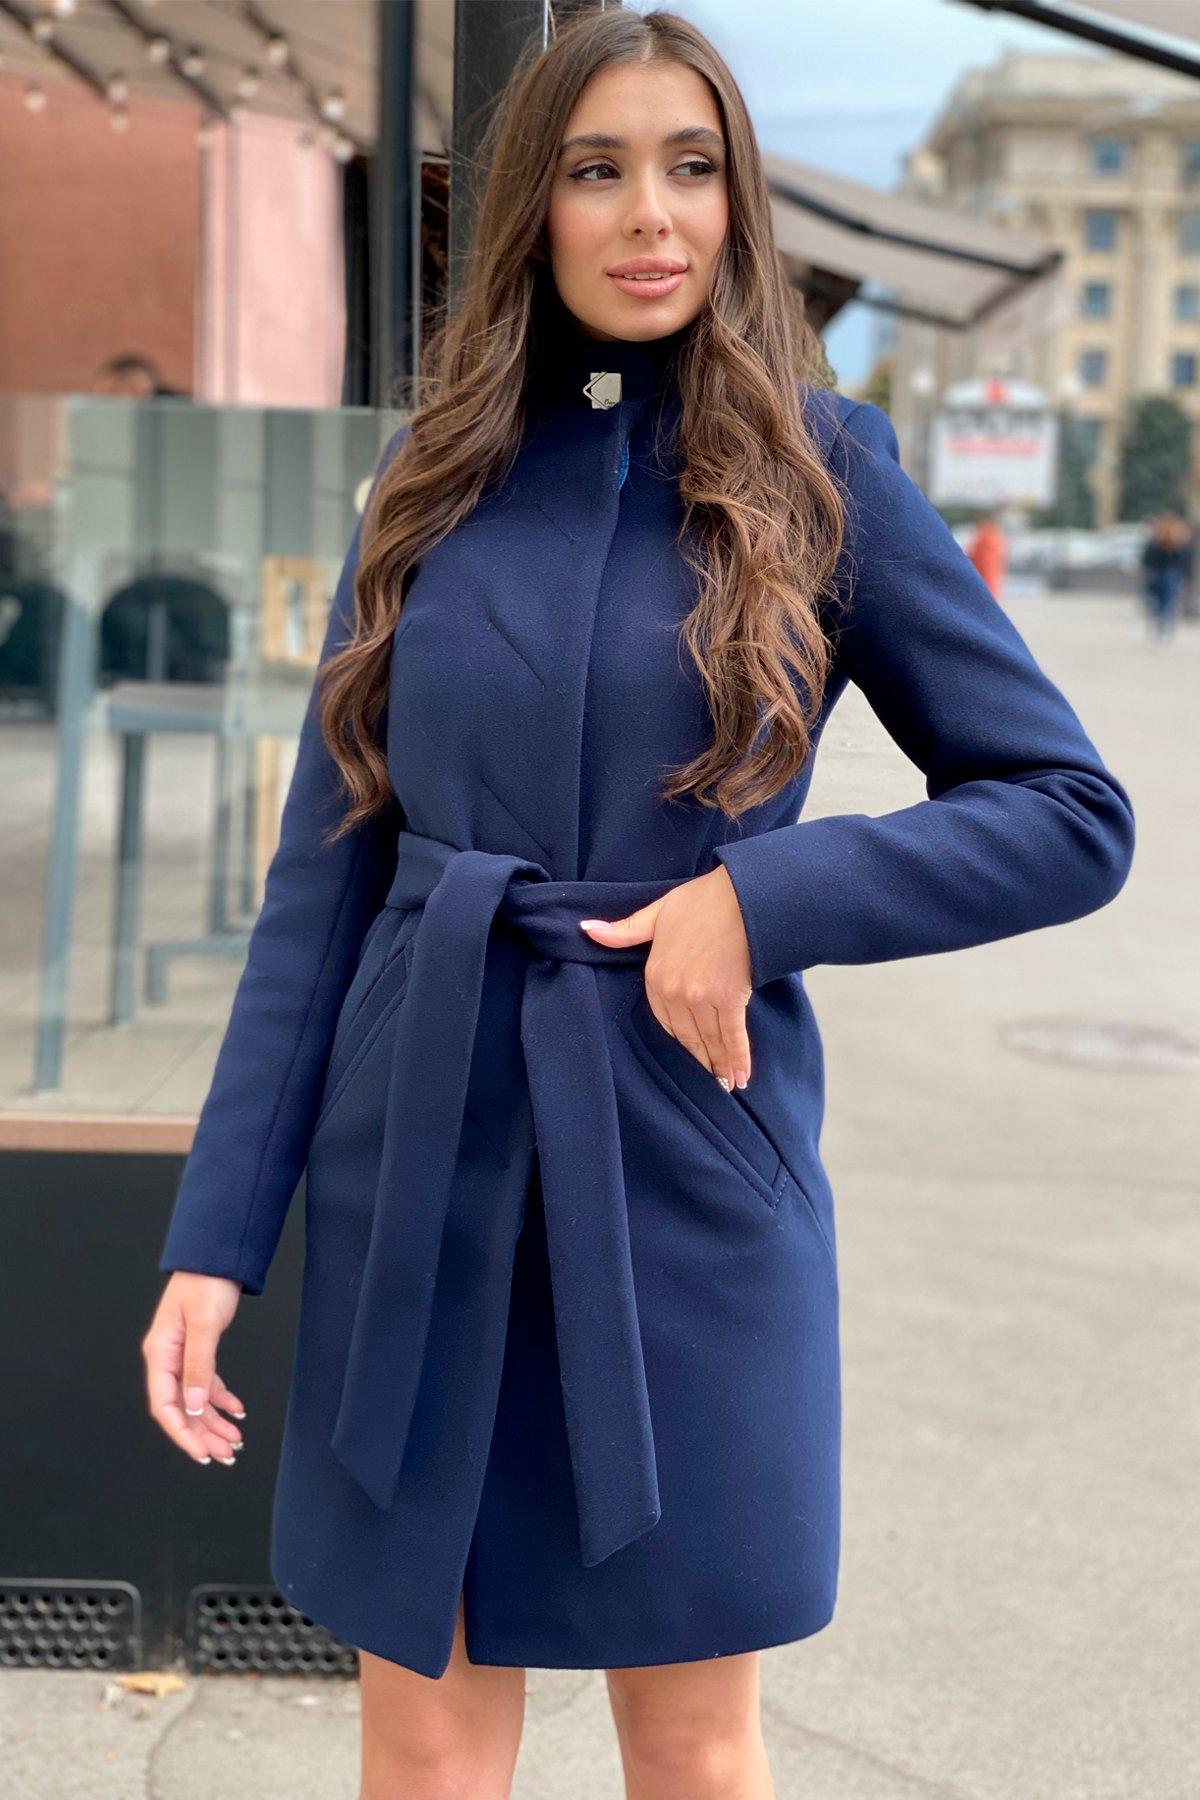 Пальто зима с хомутом Люцея 8211 АРТ. 44224 Цвет: Т.синий Н-14 - фото 2, интернет магазин tm-modus.ru